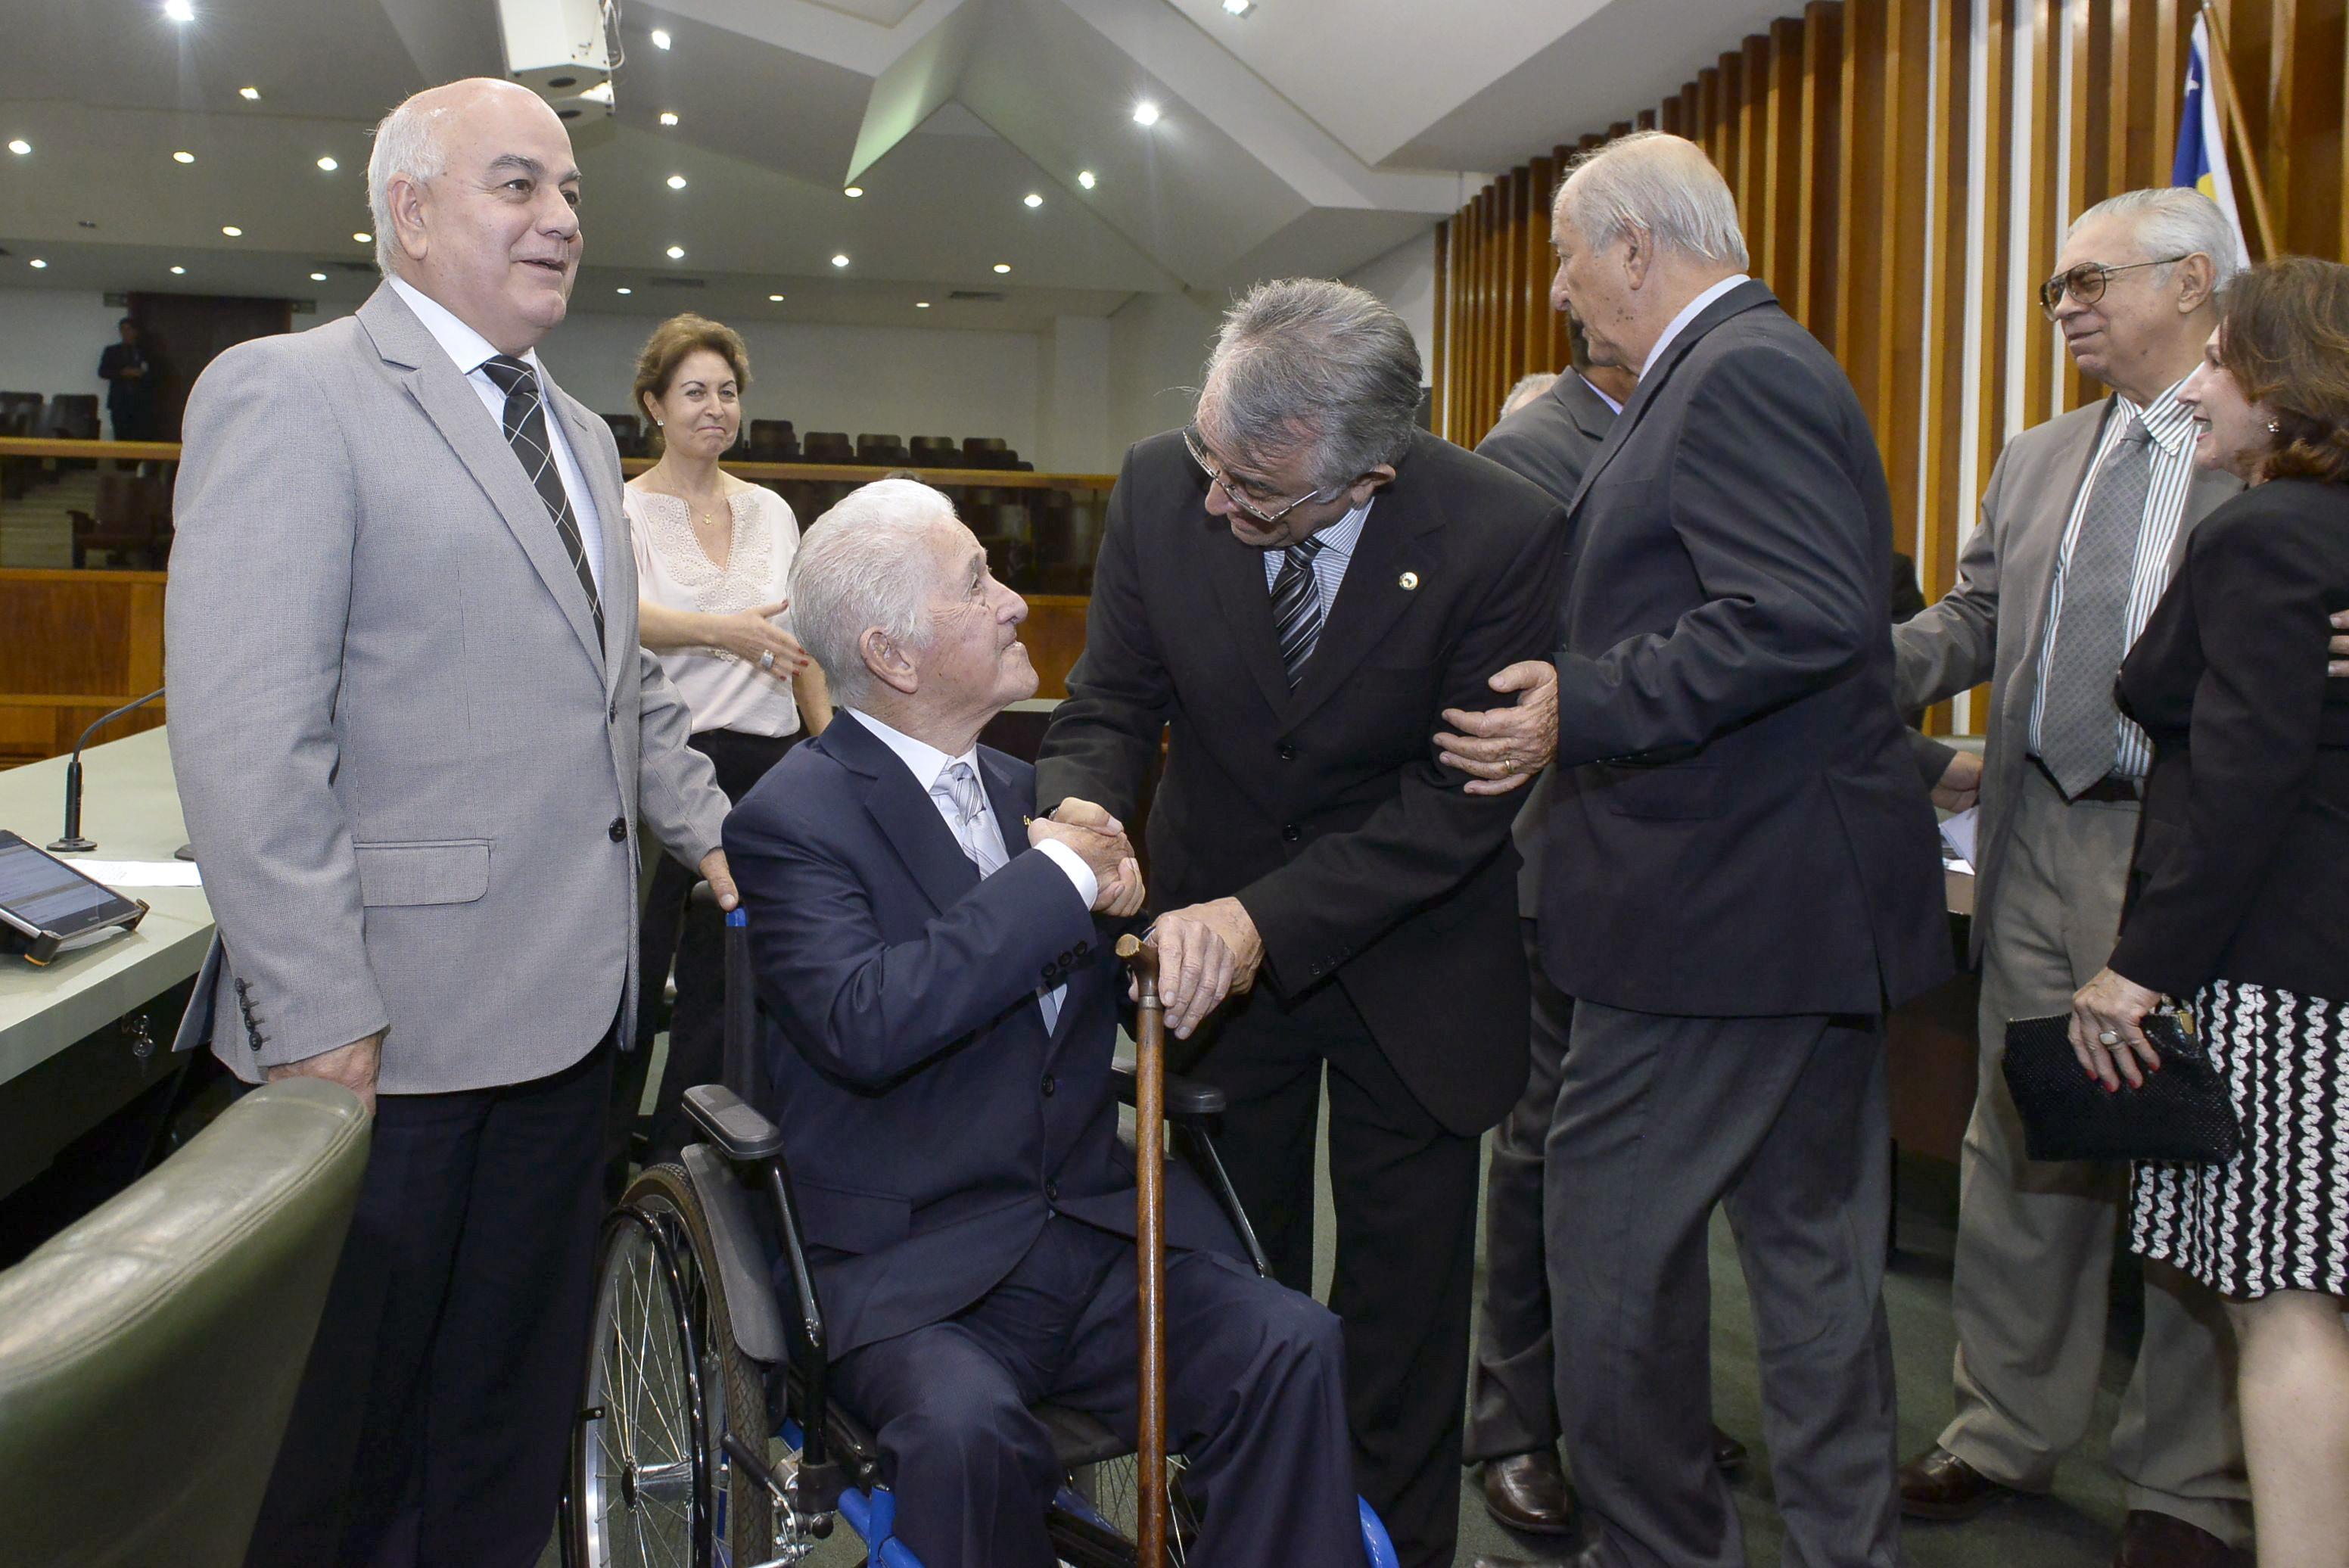 Morre o ex-deputado federal e ex-vice-governador de Goiás Almir Turisco. Tinha 102 anos